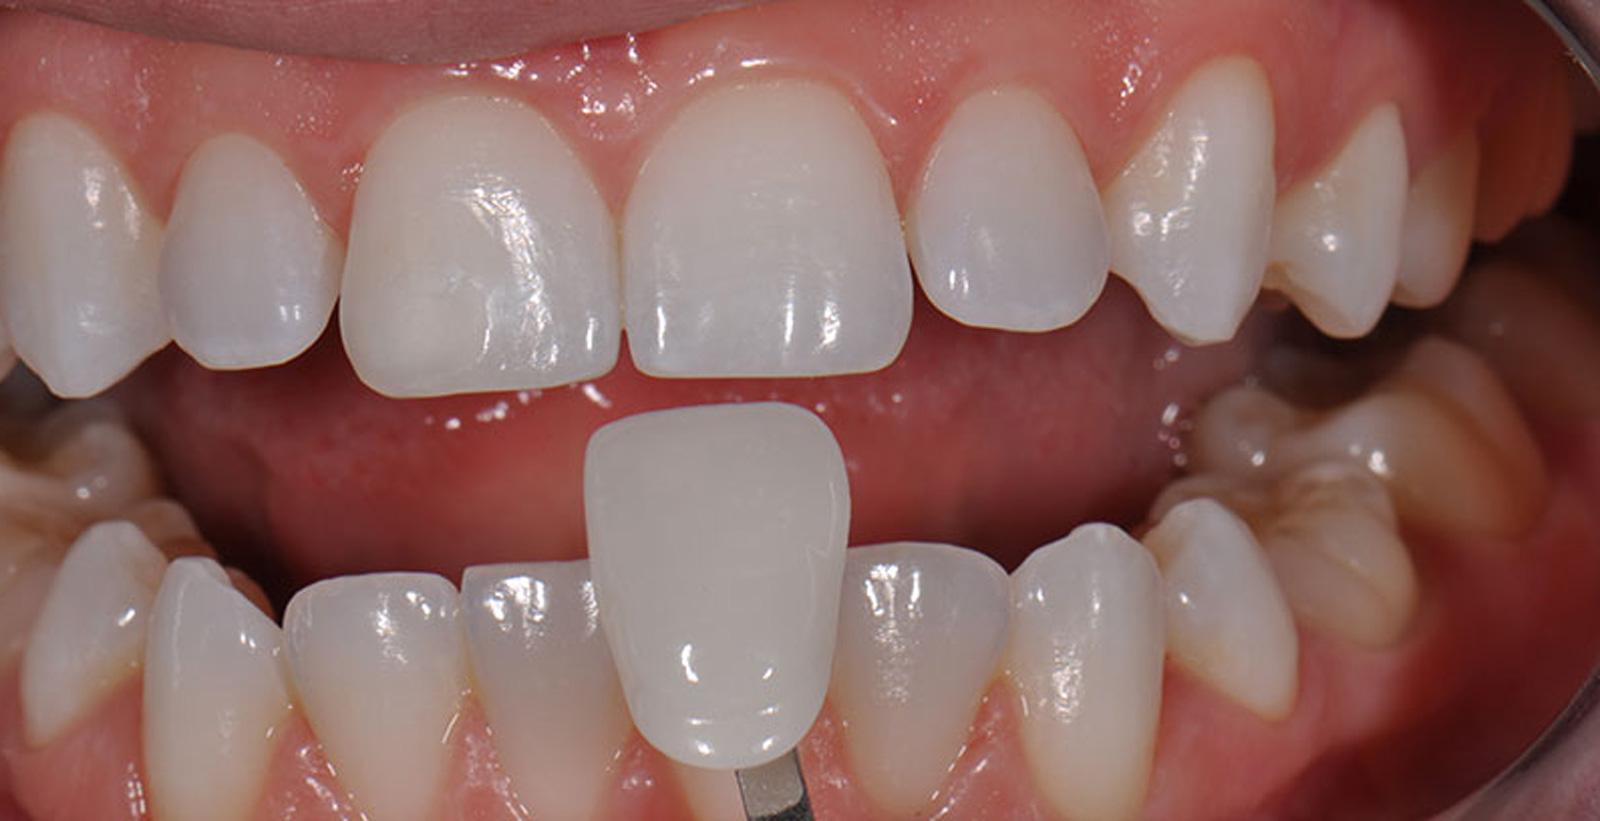 Dr. Adrian Malja dentista en puerto vallarta